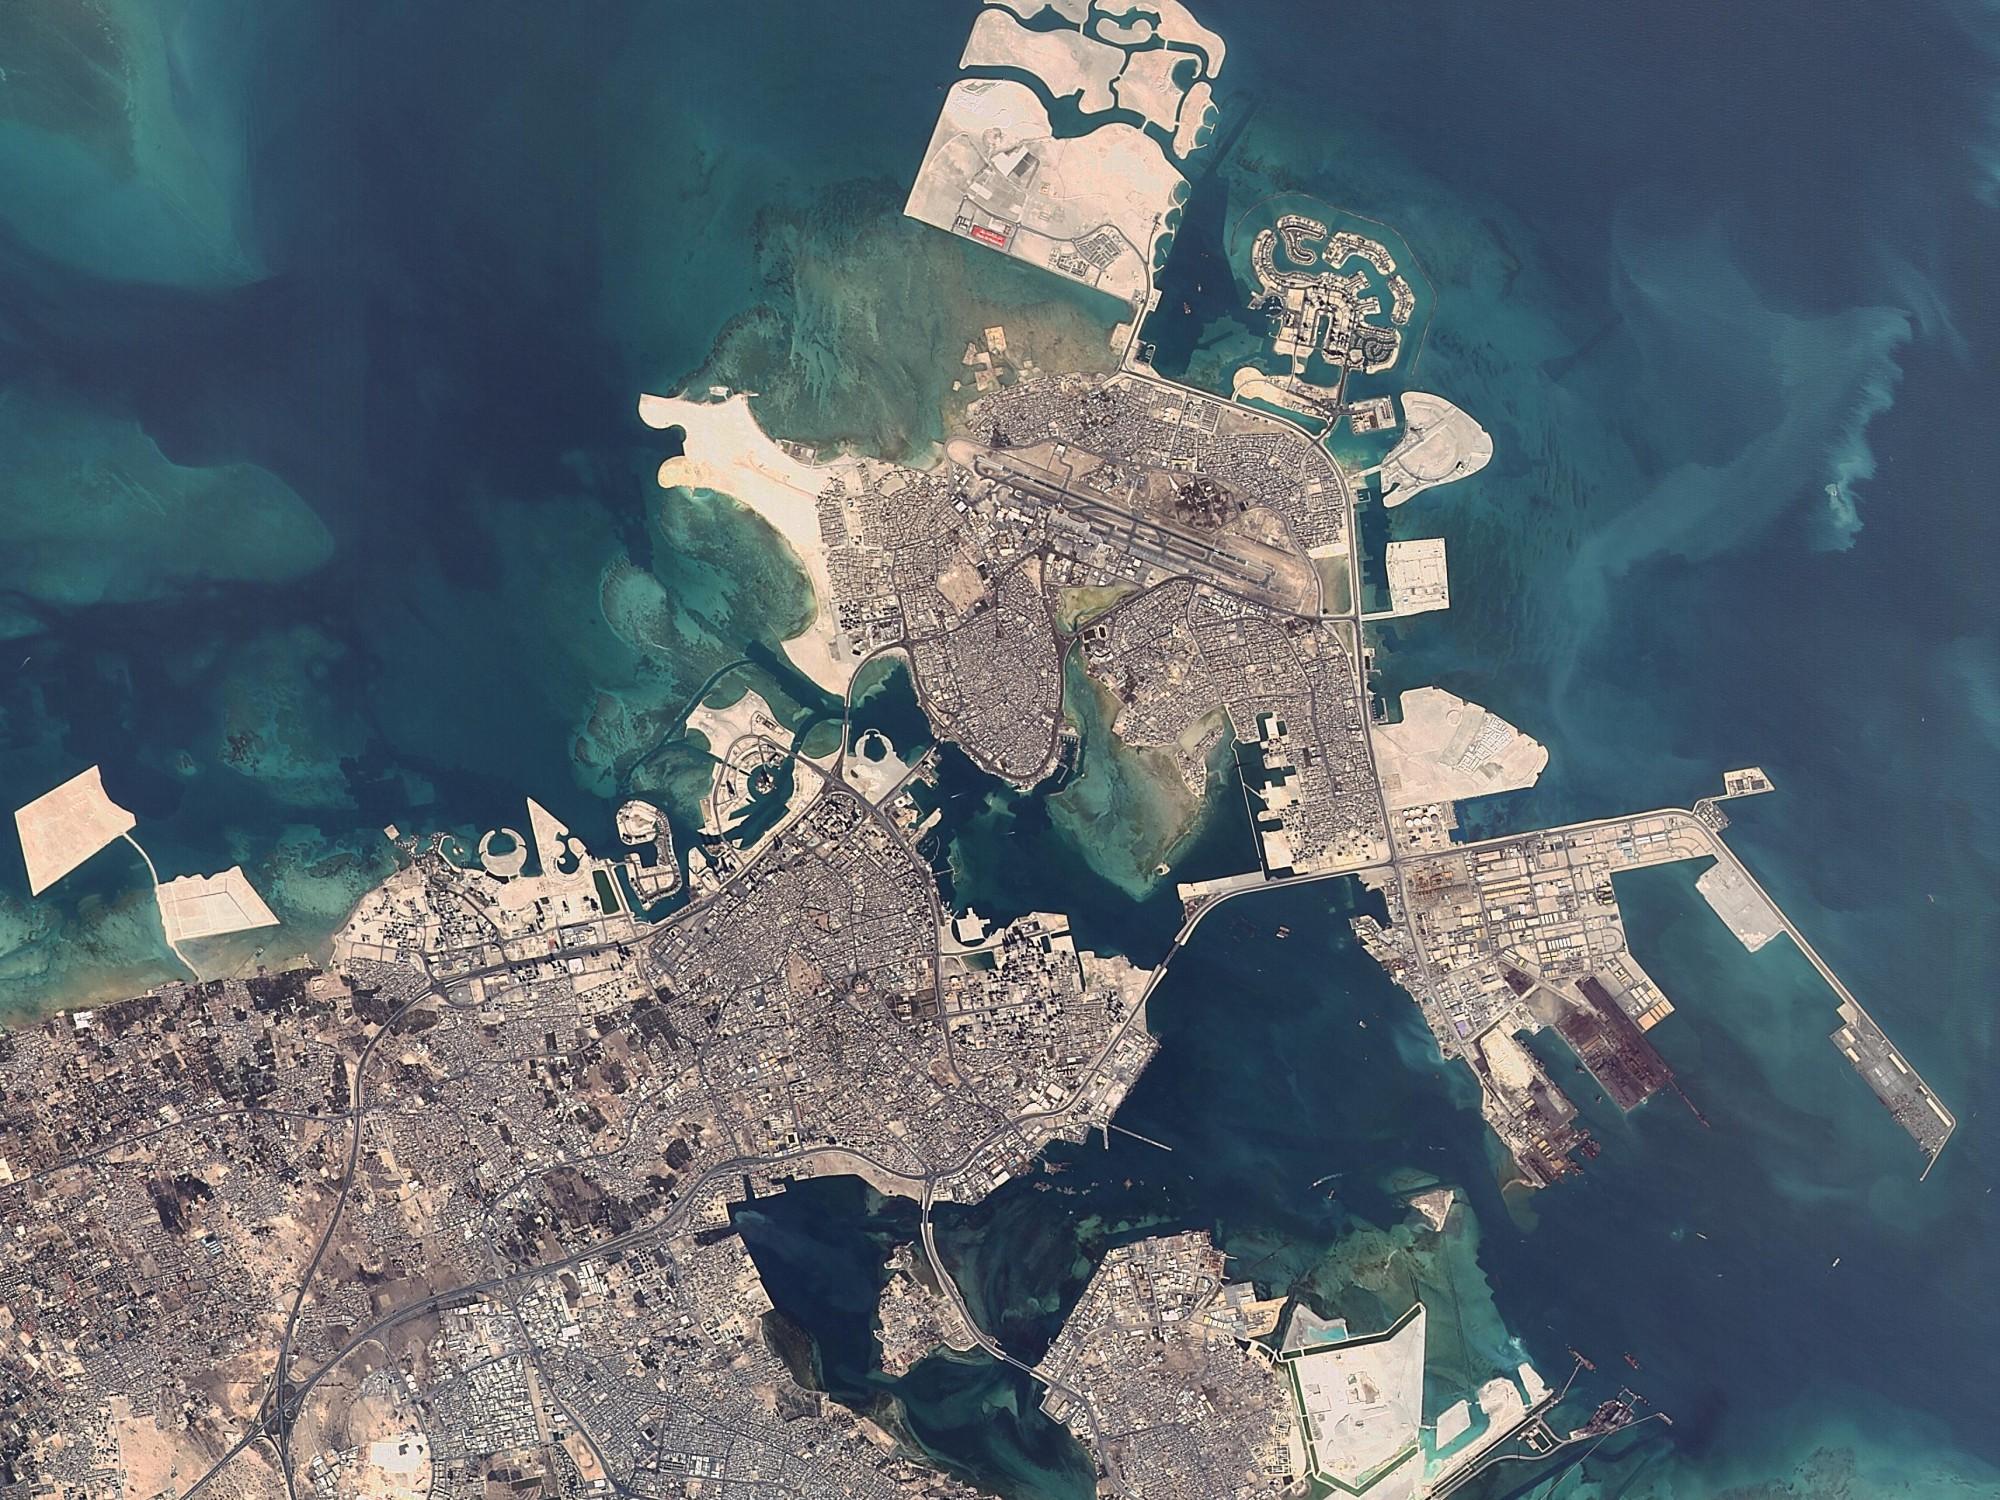 RST_20160204_Bahreyn1_preview